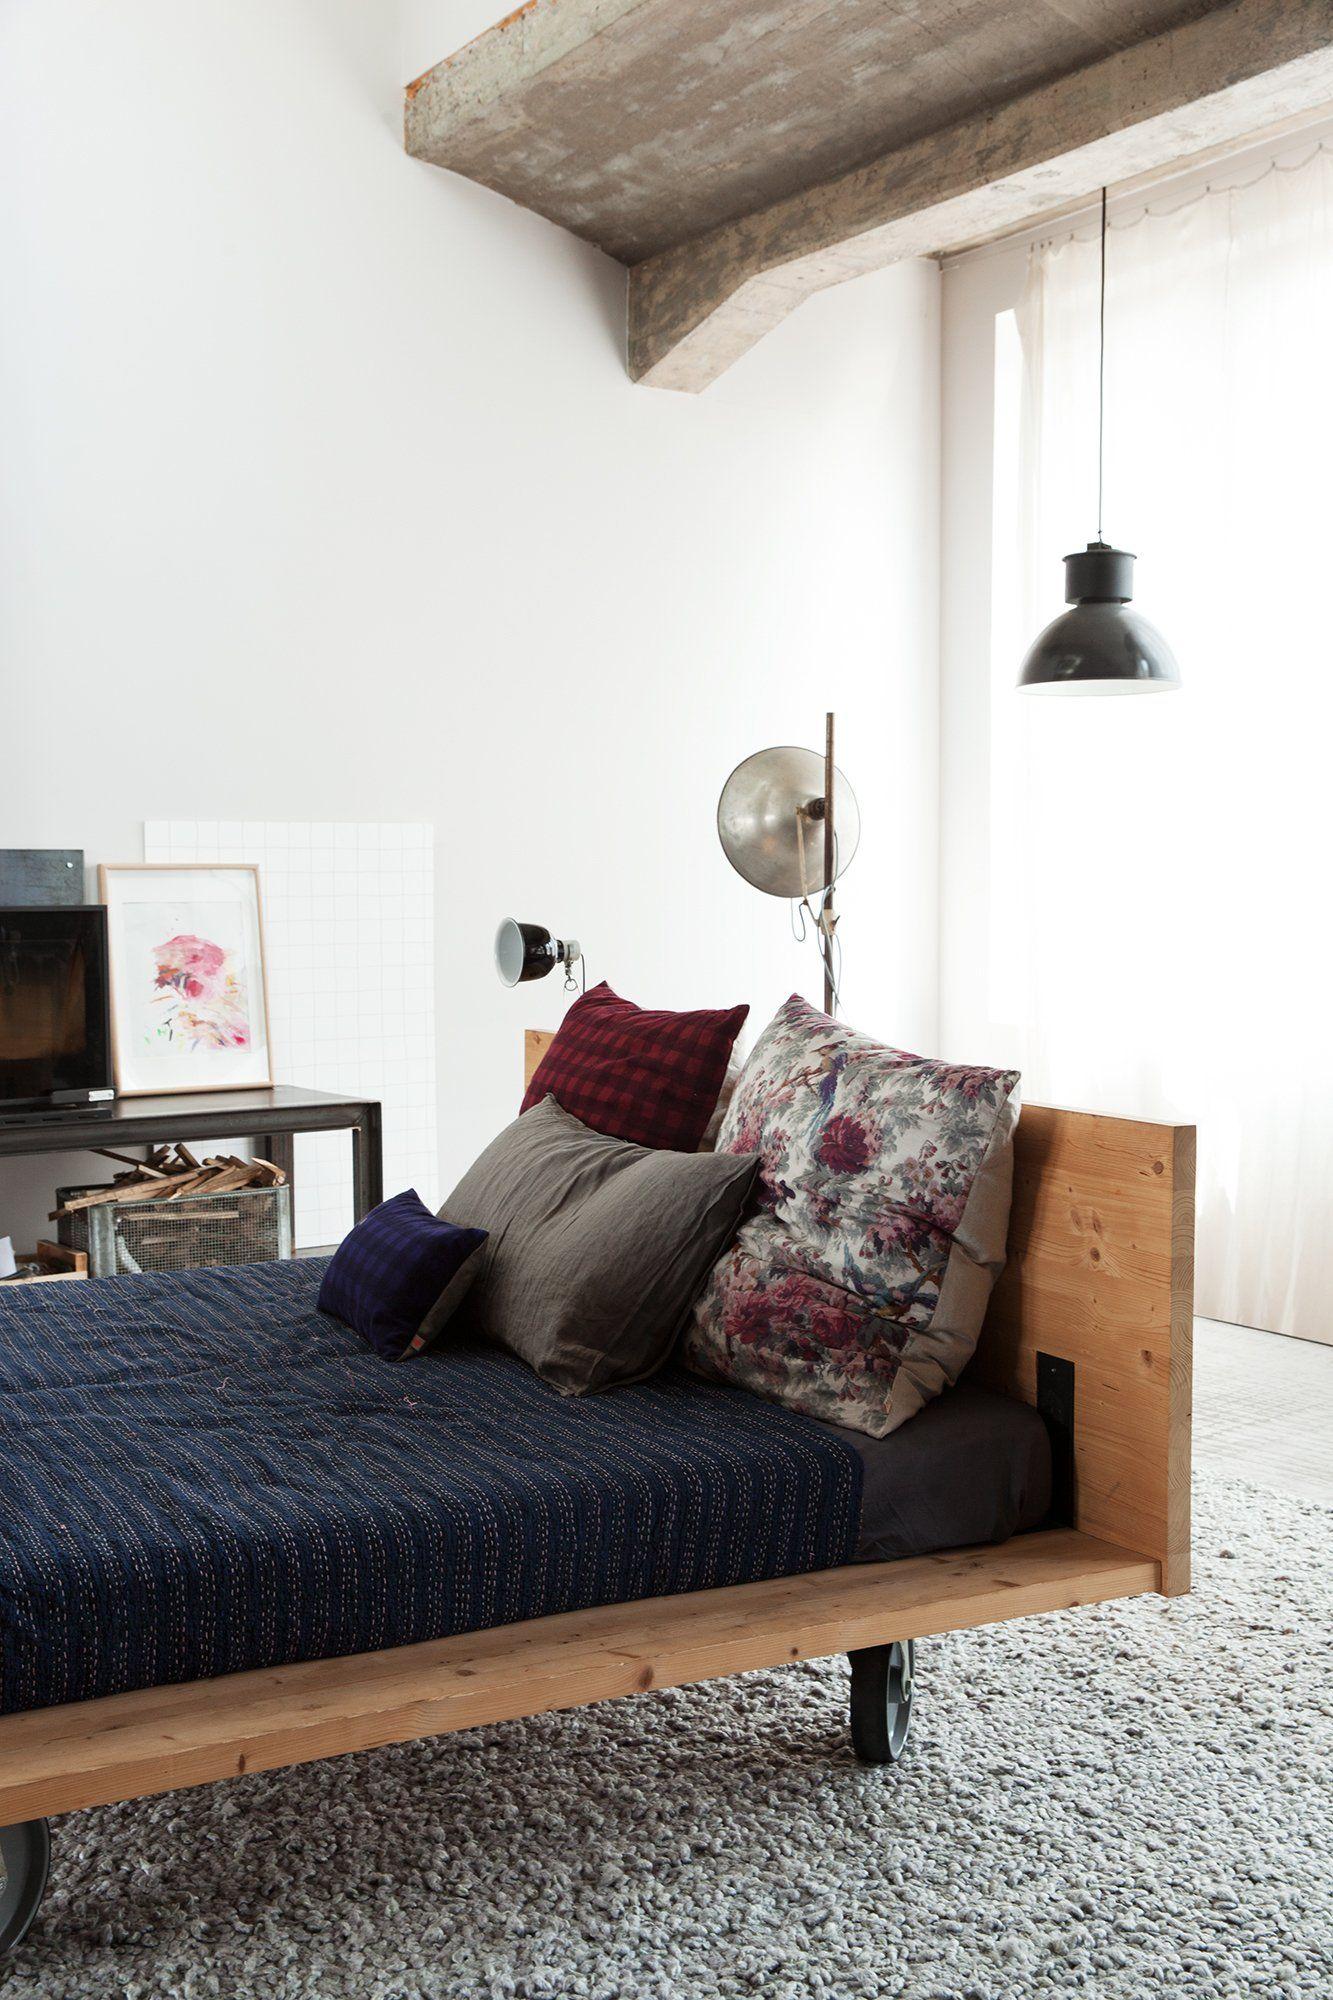 Anne Hubert Et Jeff Louise 19 Ans Violette 7 Ans Design Interieur Vintage Chaise Longue Diy Et Decoration Salon